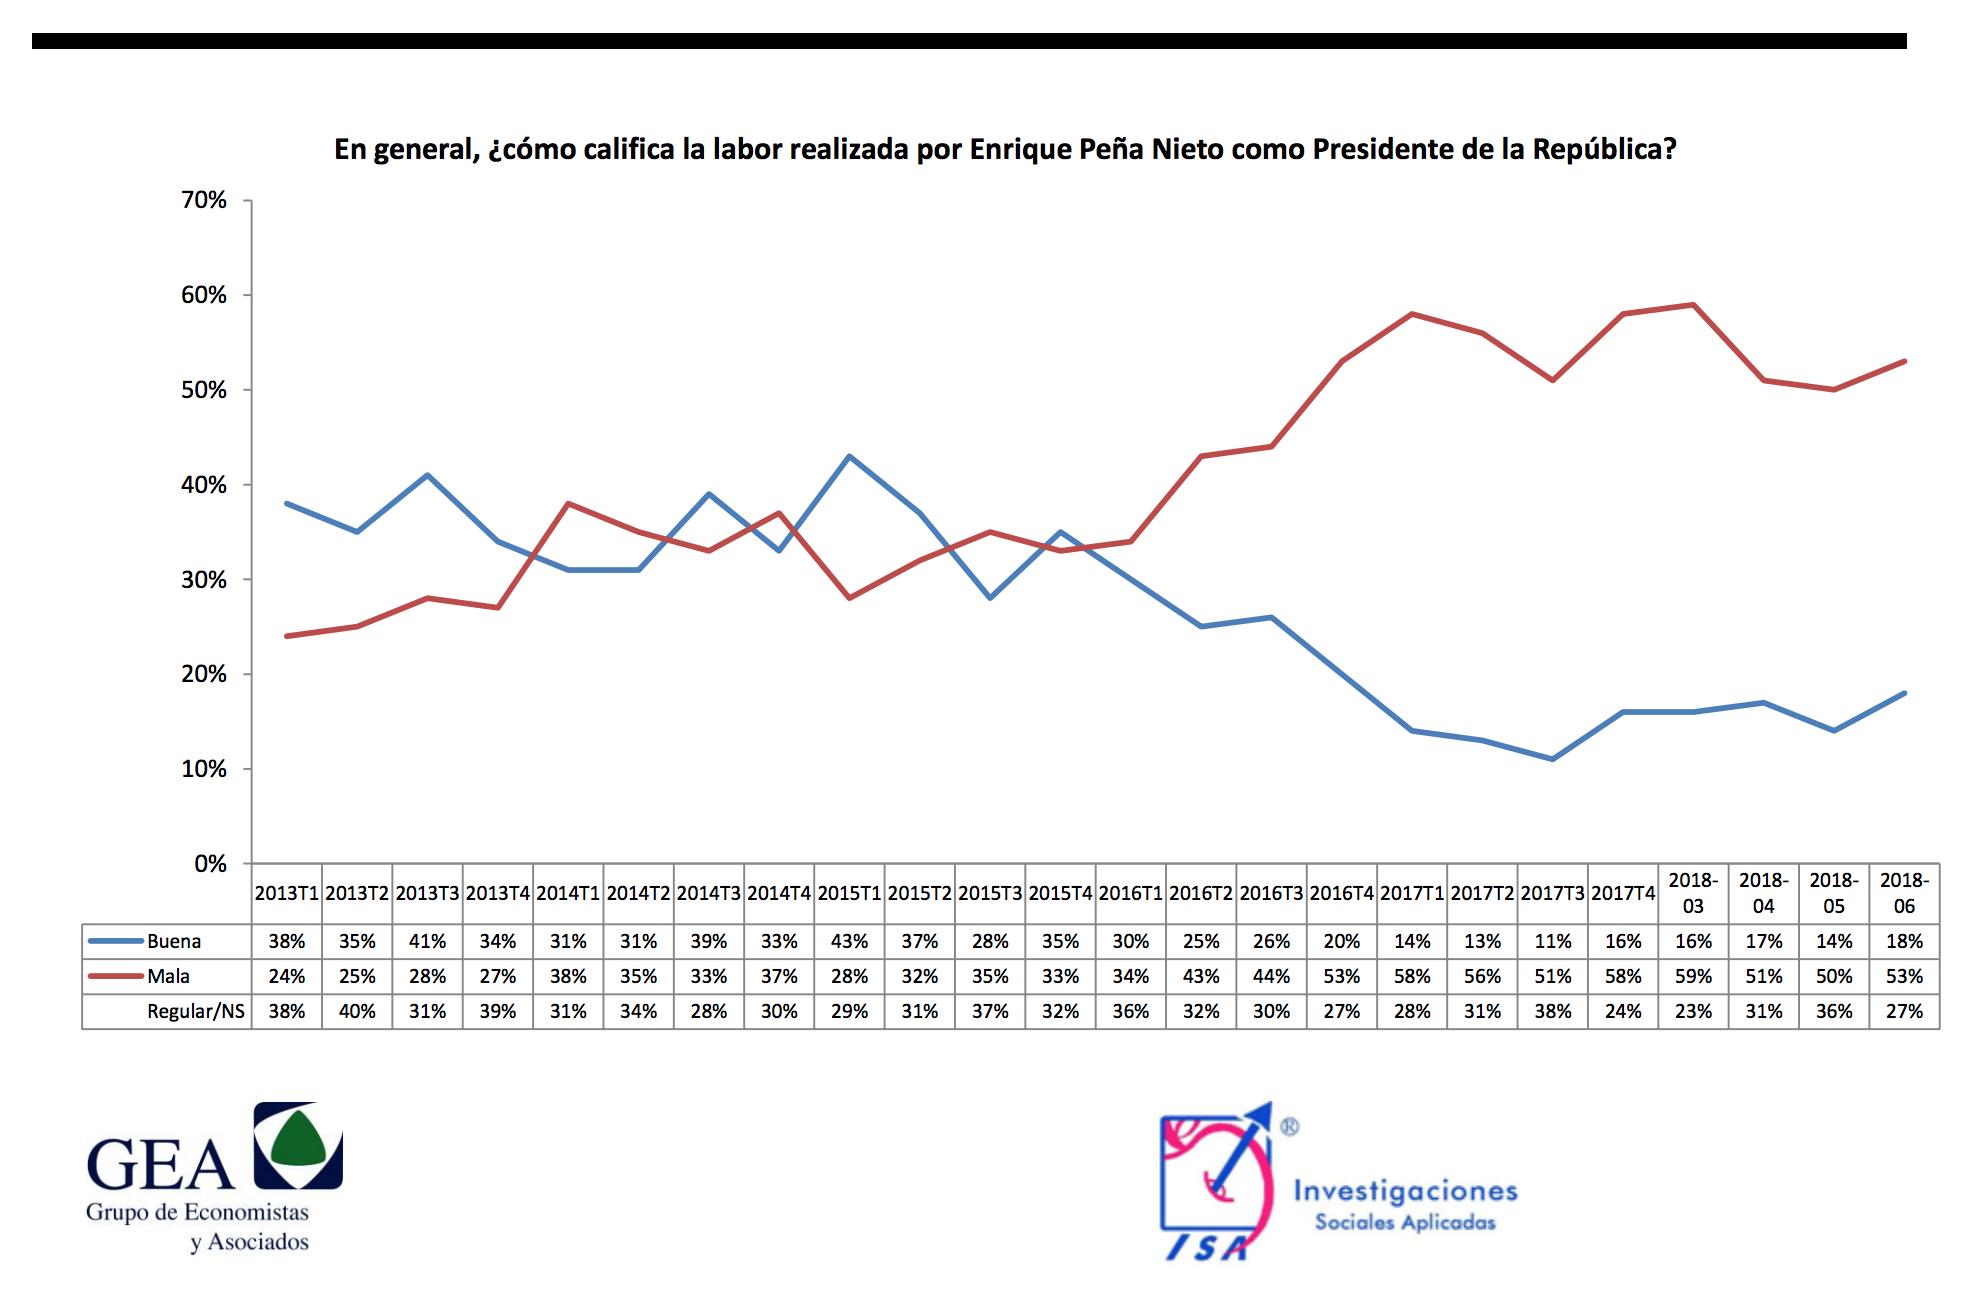 Encuesta de preferencias electorales de GEA-ISA. Publicación: 25 de junio de 2018.